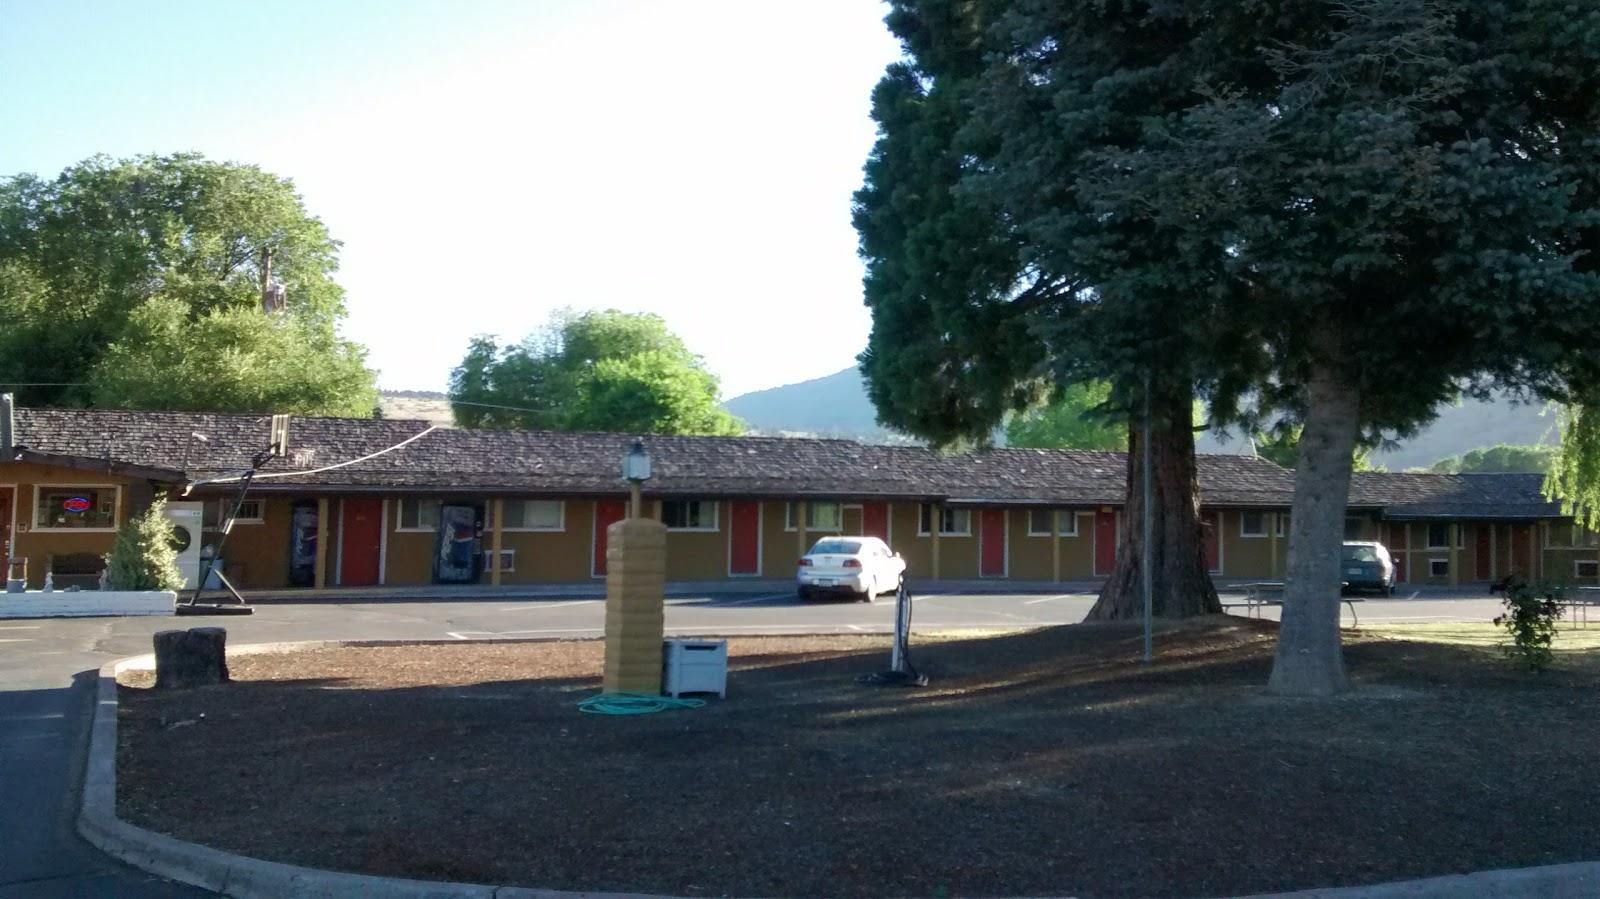 Park Oregon Motel 8 RV